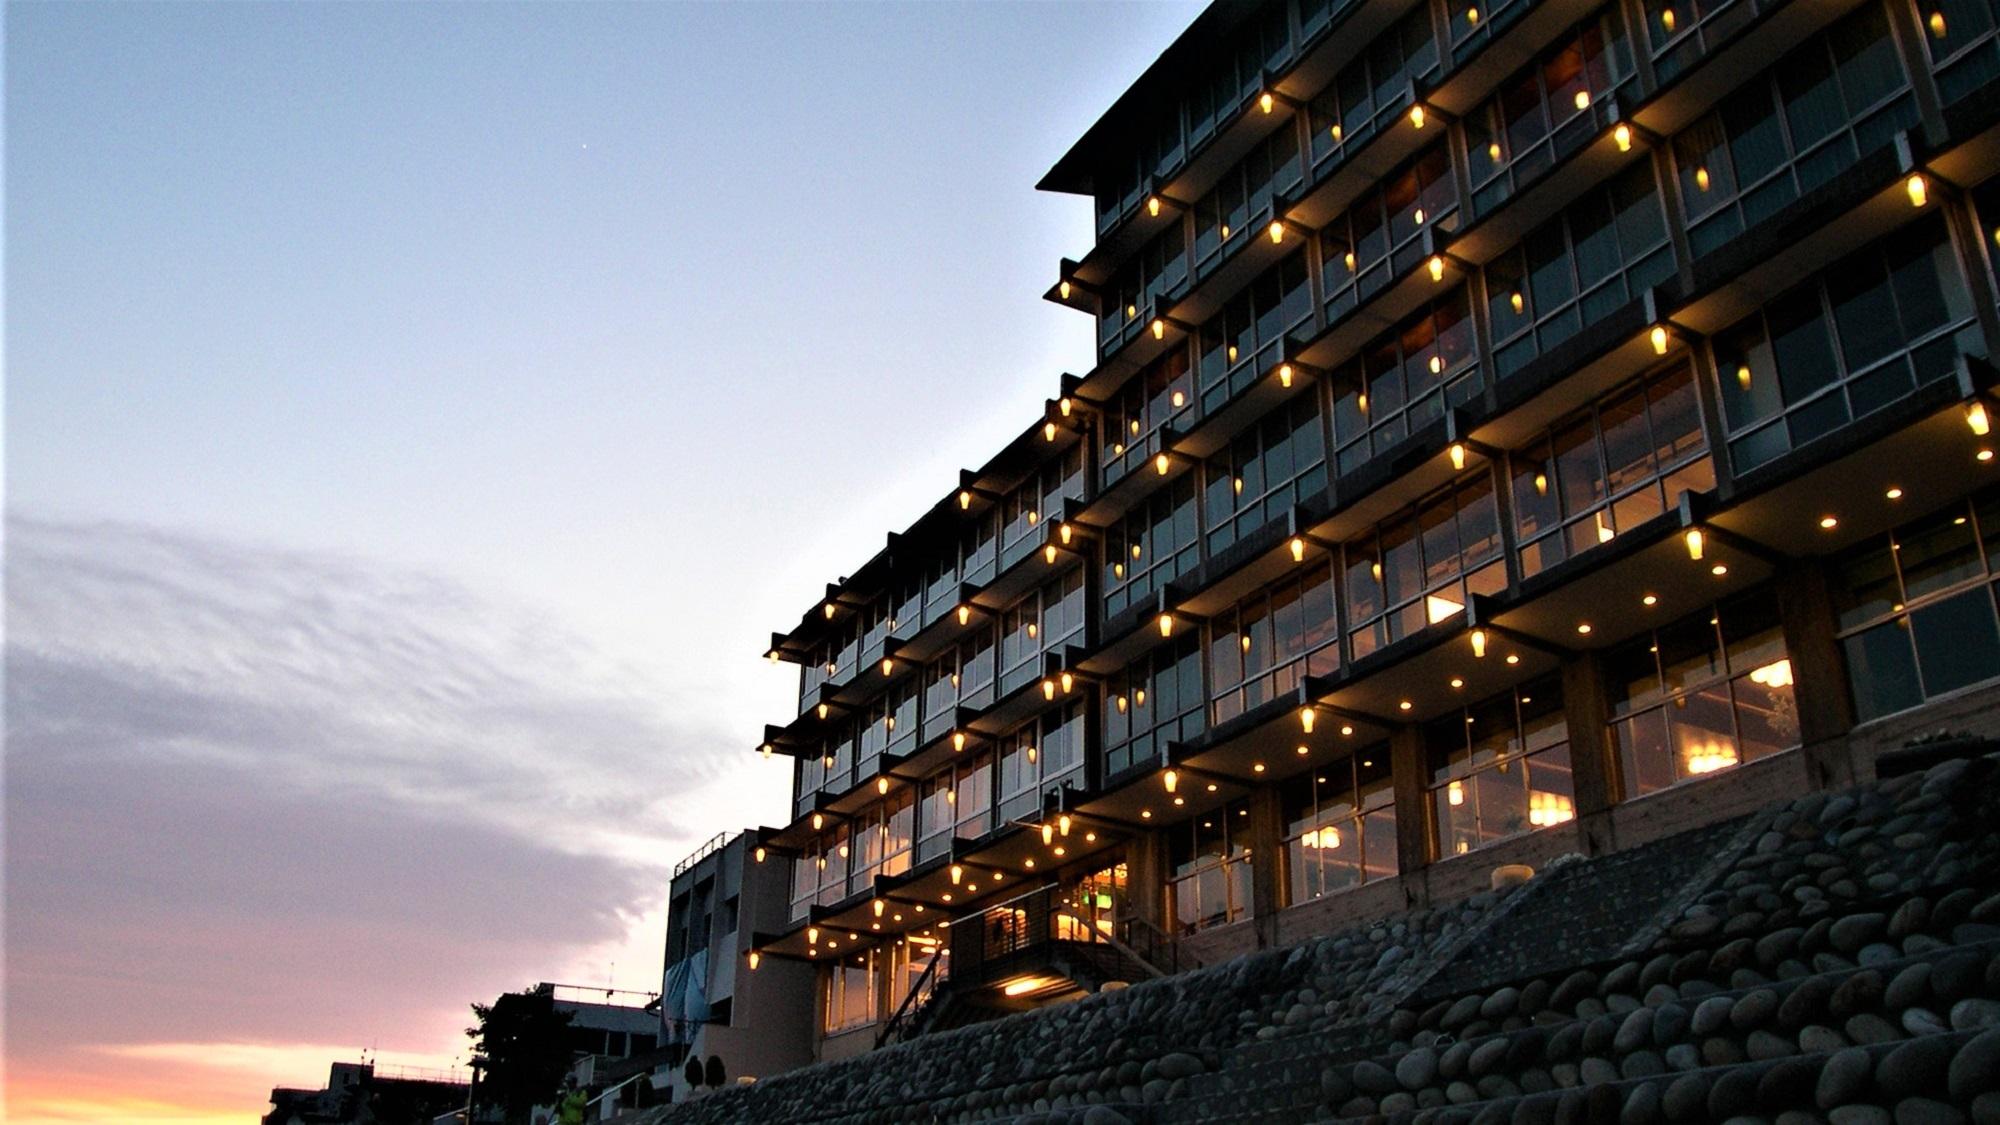 長良川温泉 鵜匠の家 すぎ山